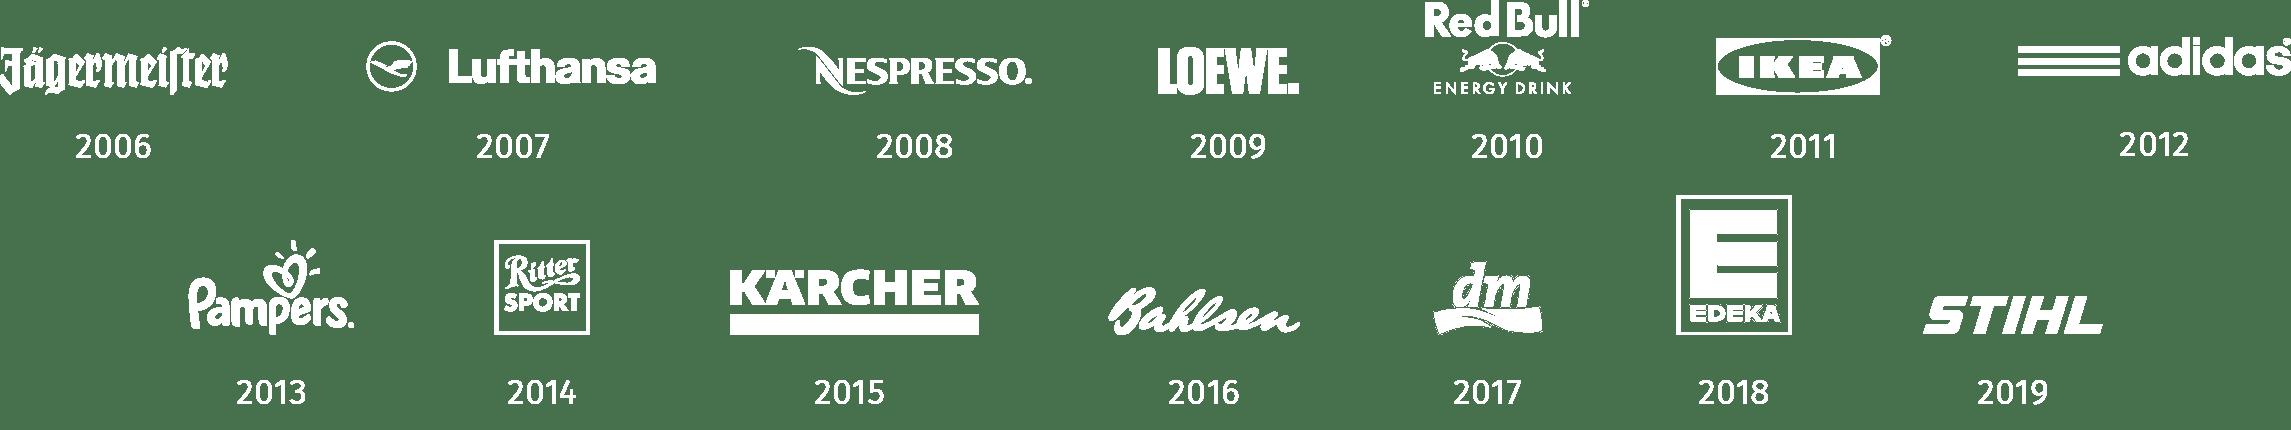 Logos der bisherigen Gewinner